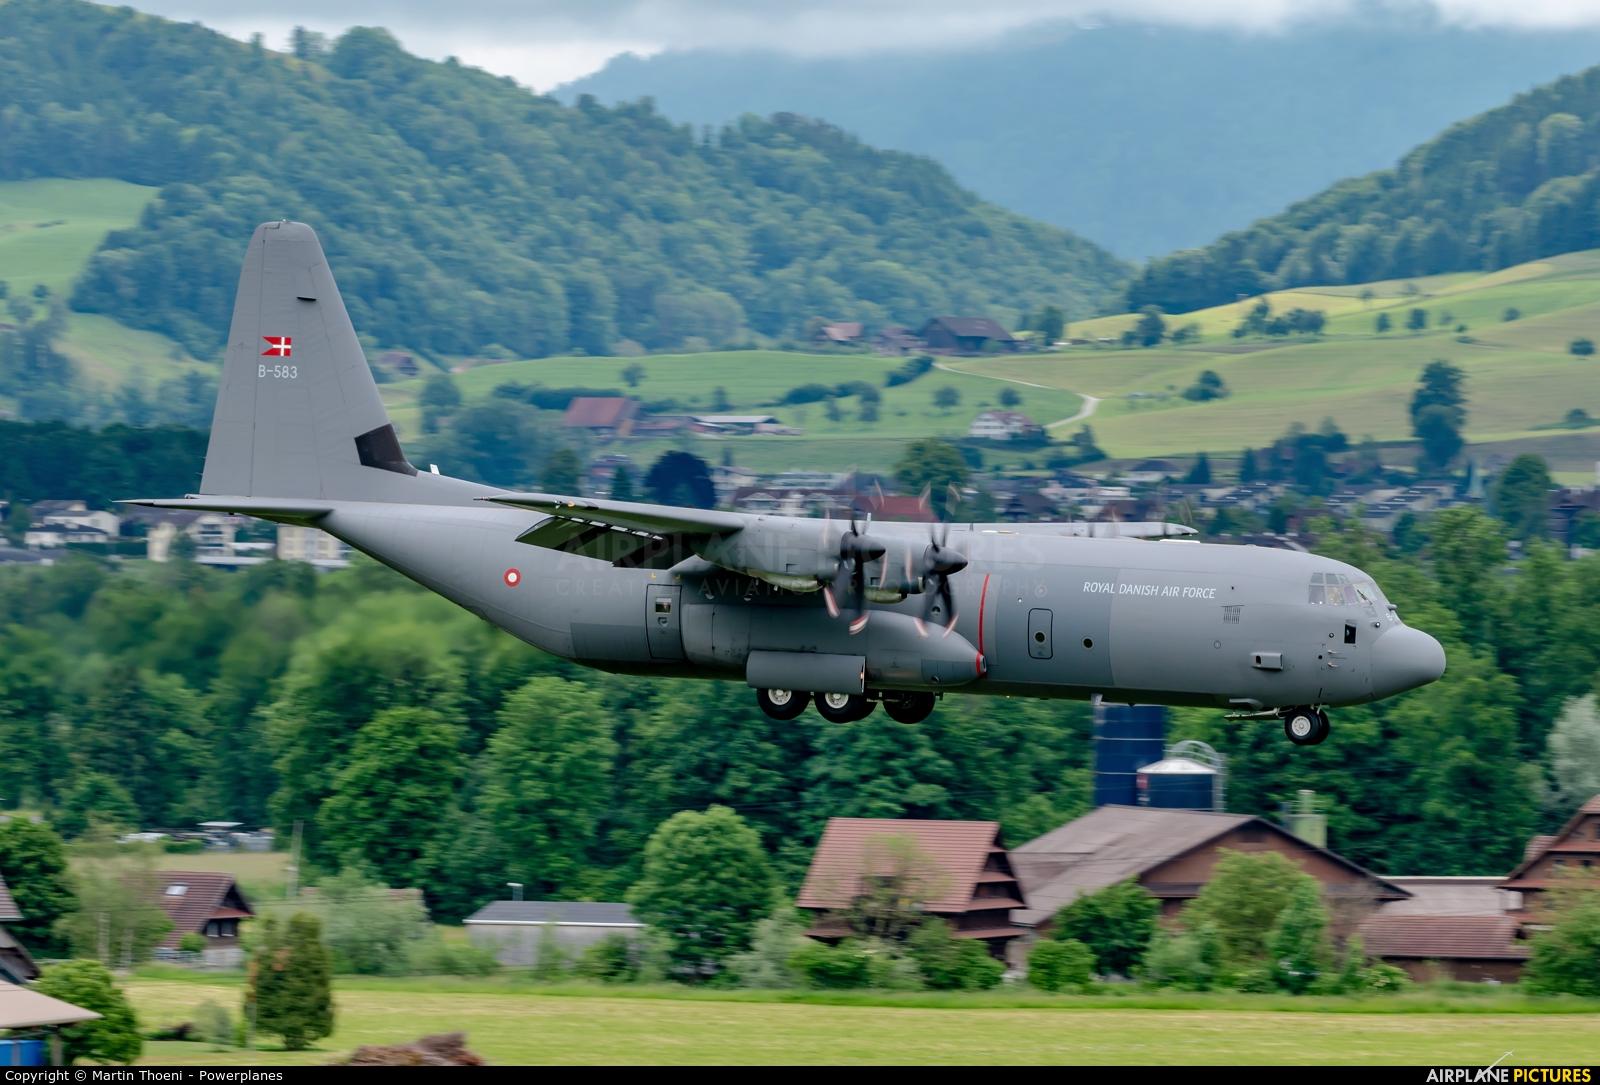 Denmark - Air Force B-583 aircraft at Emmen